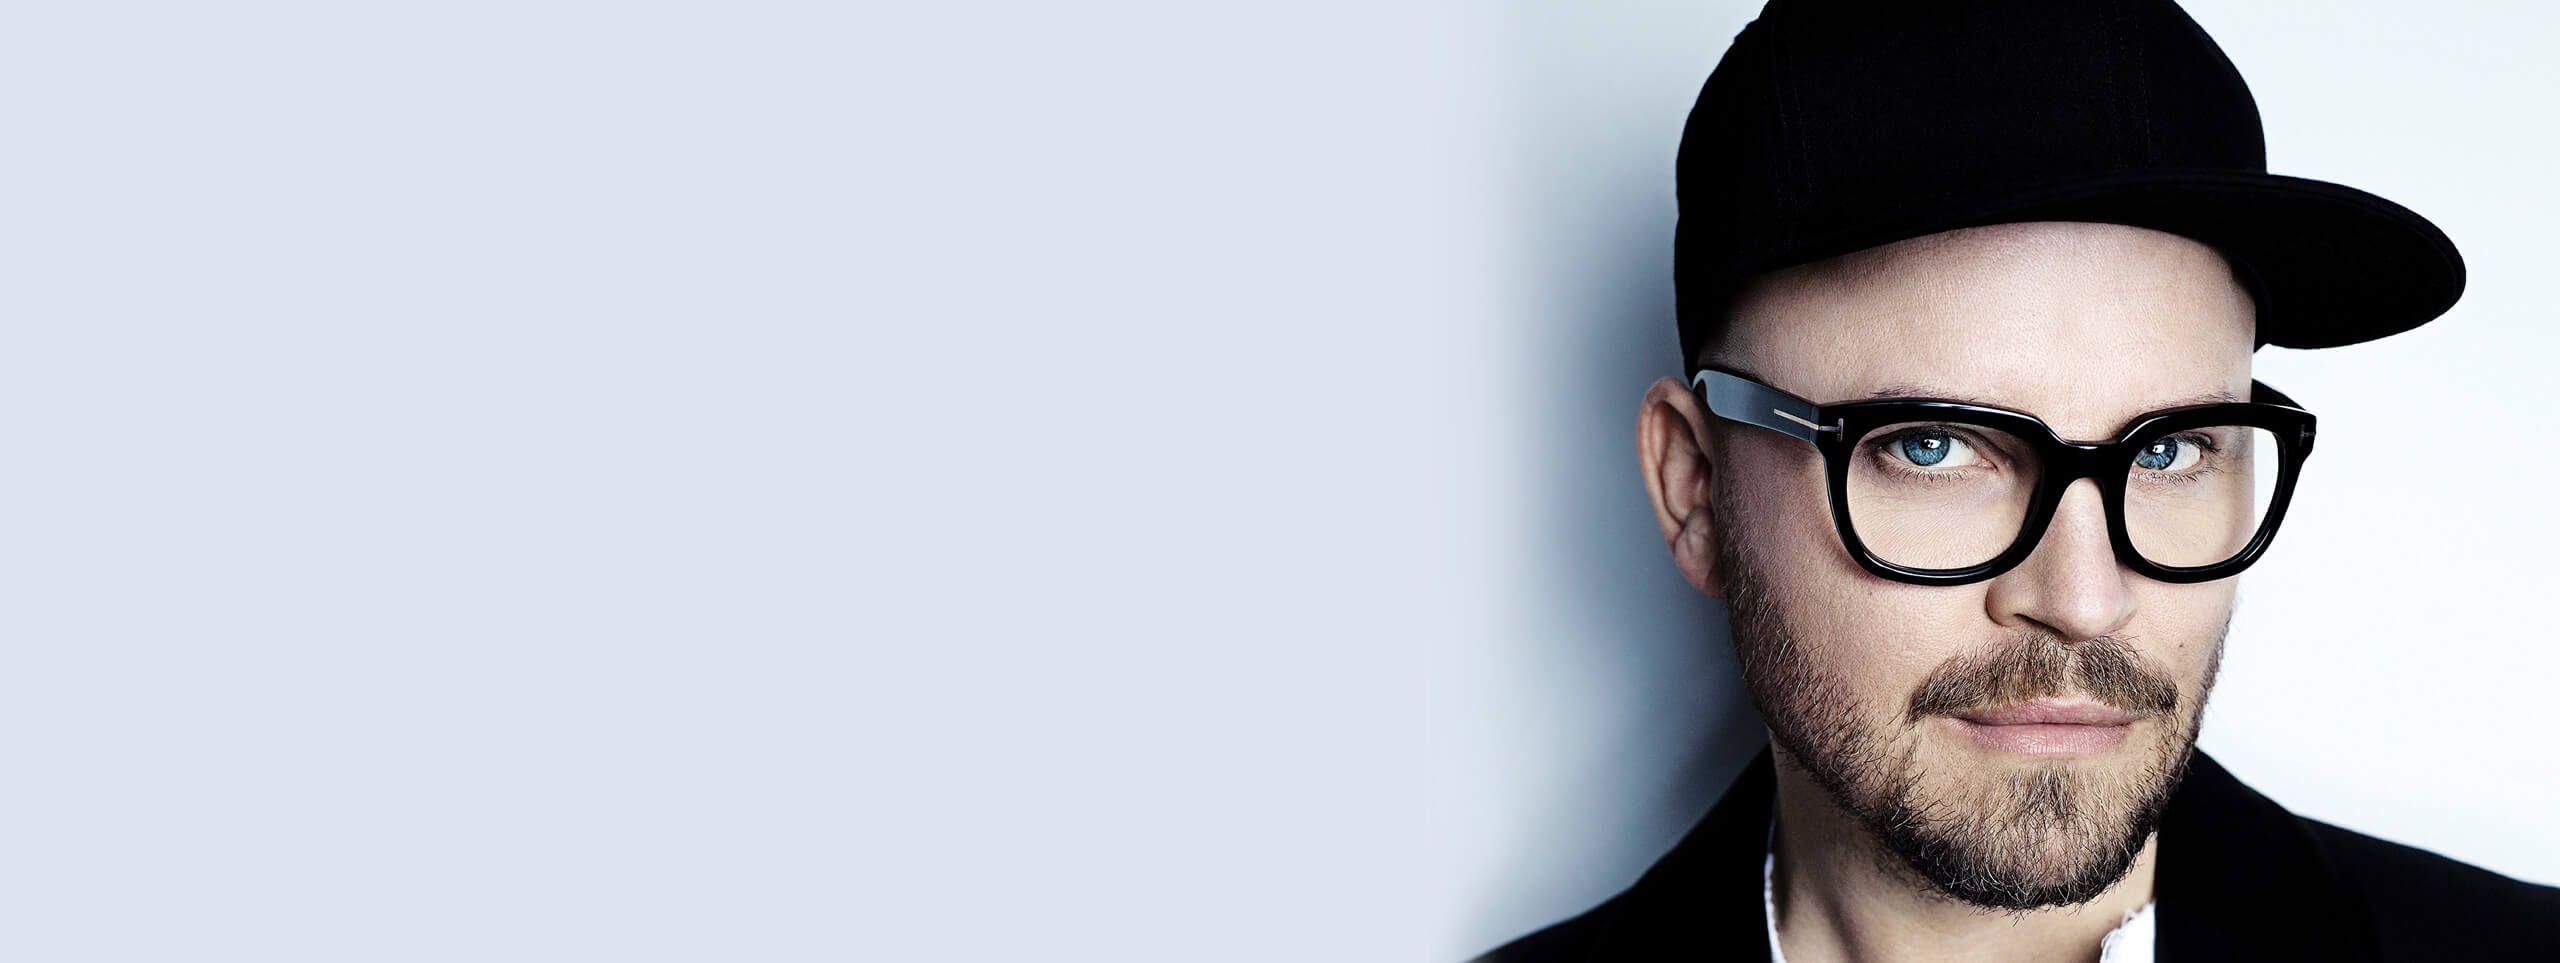 Armin Morbach w okularach i czapce z daszkiem